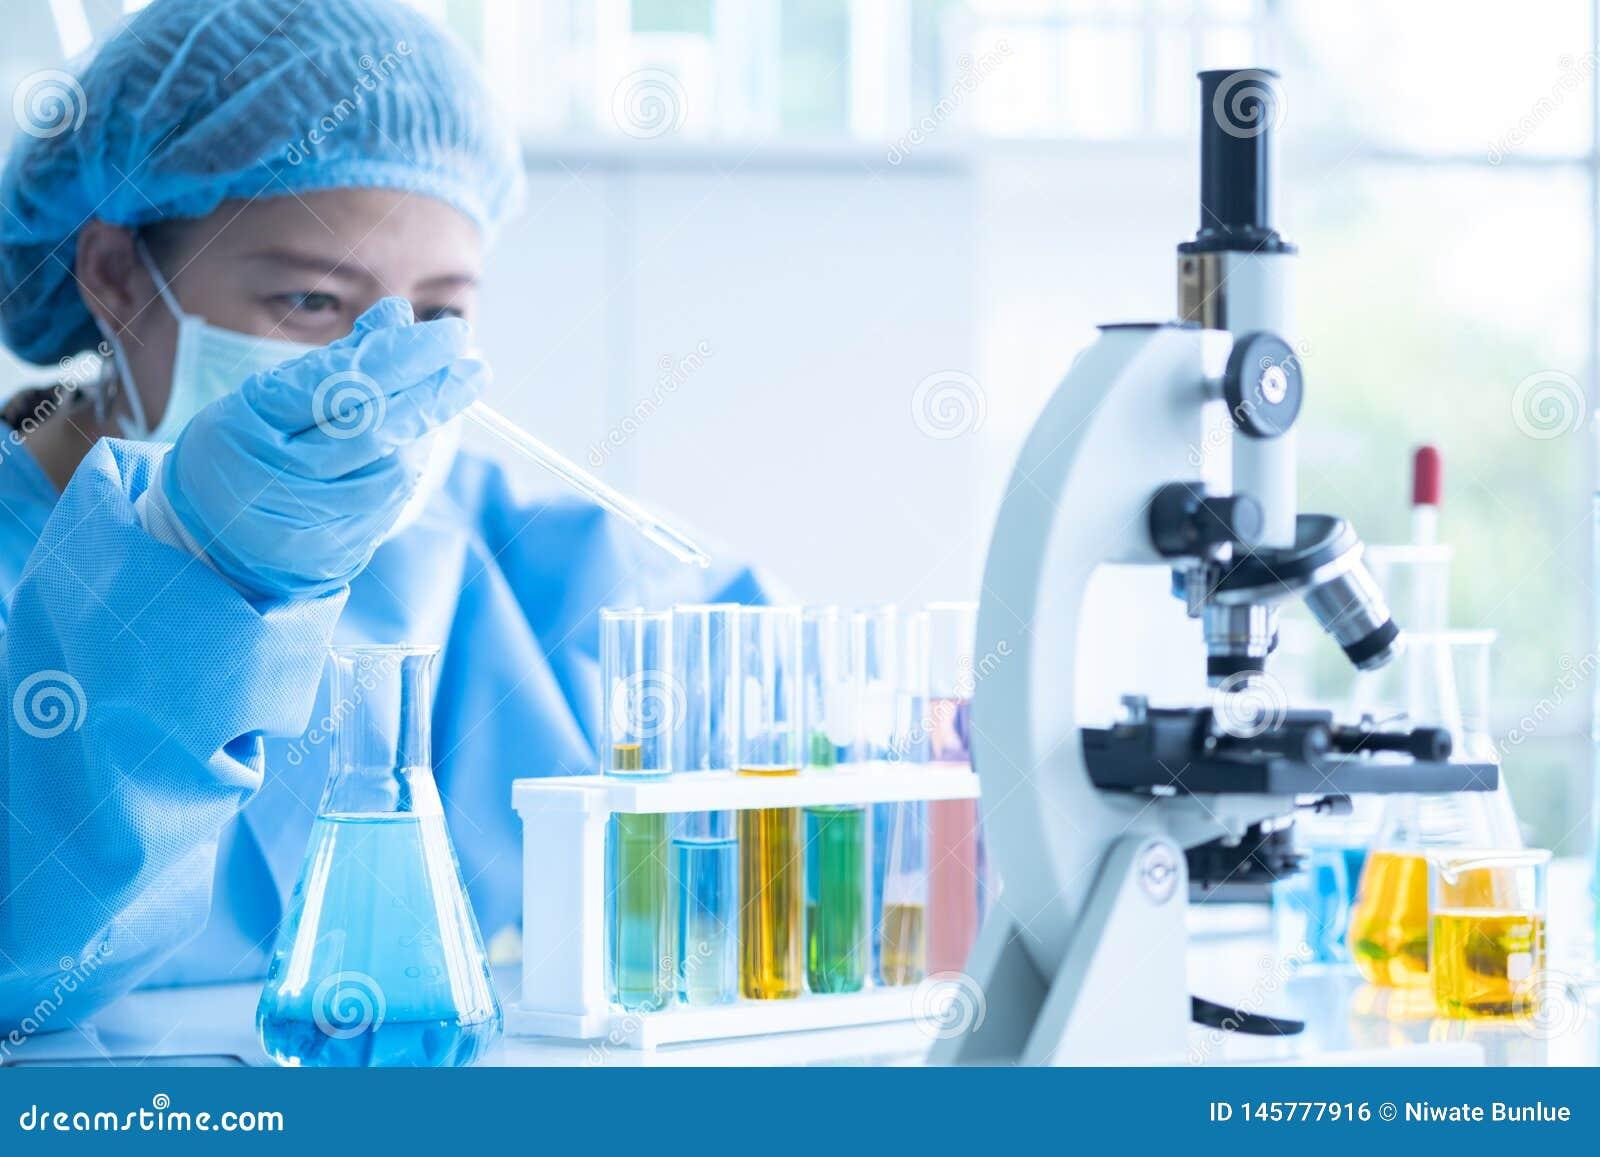 Científicos investigación y analizar fórmulas químicas